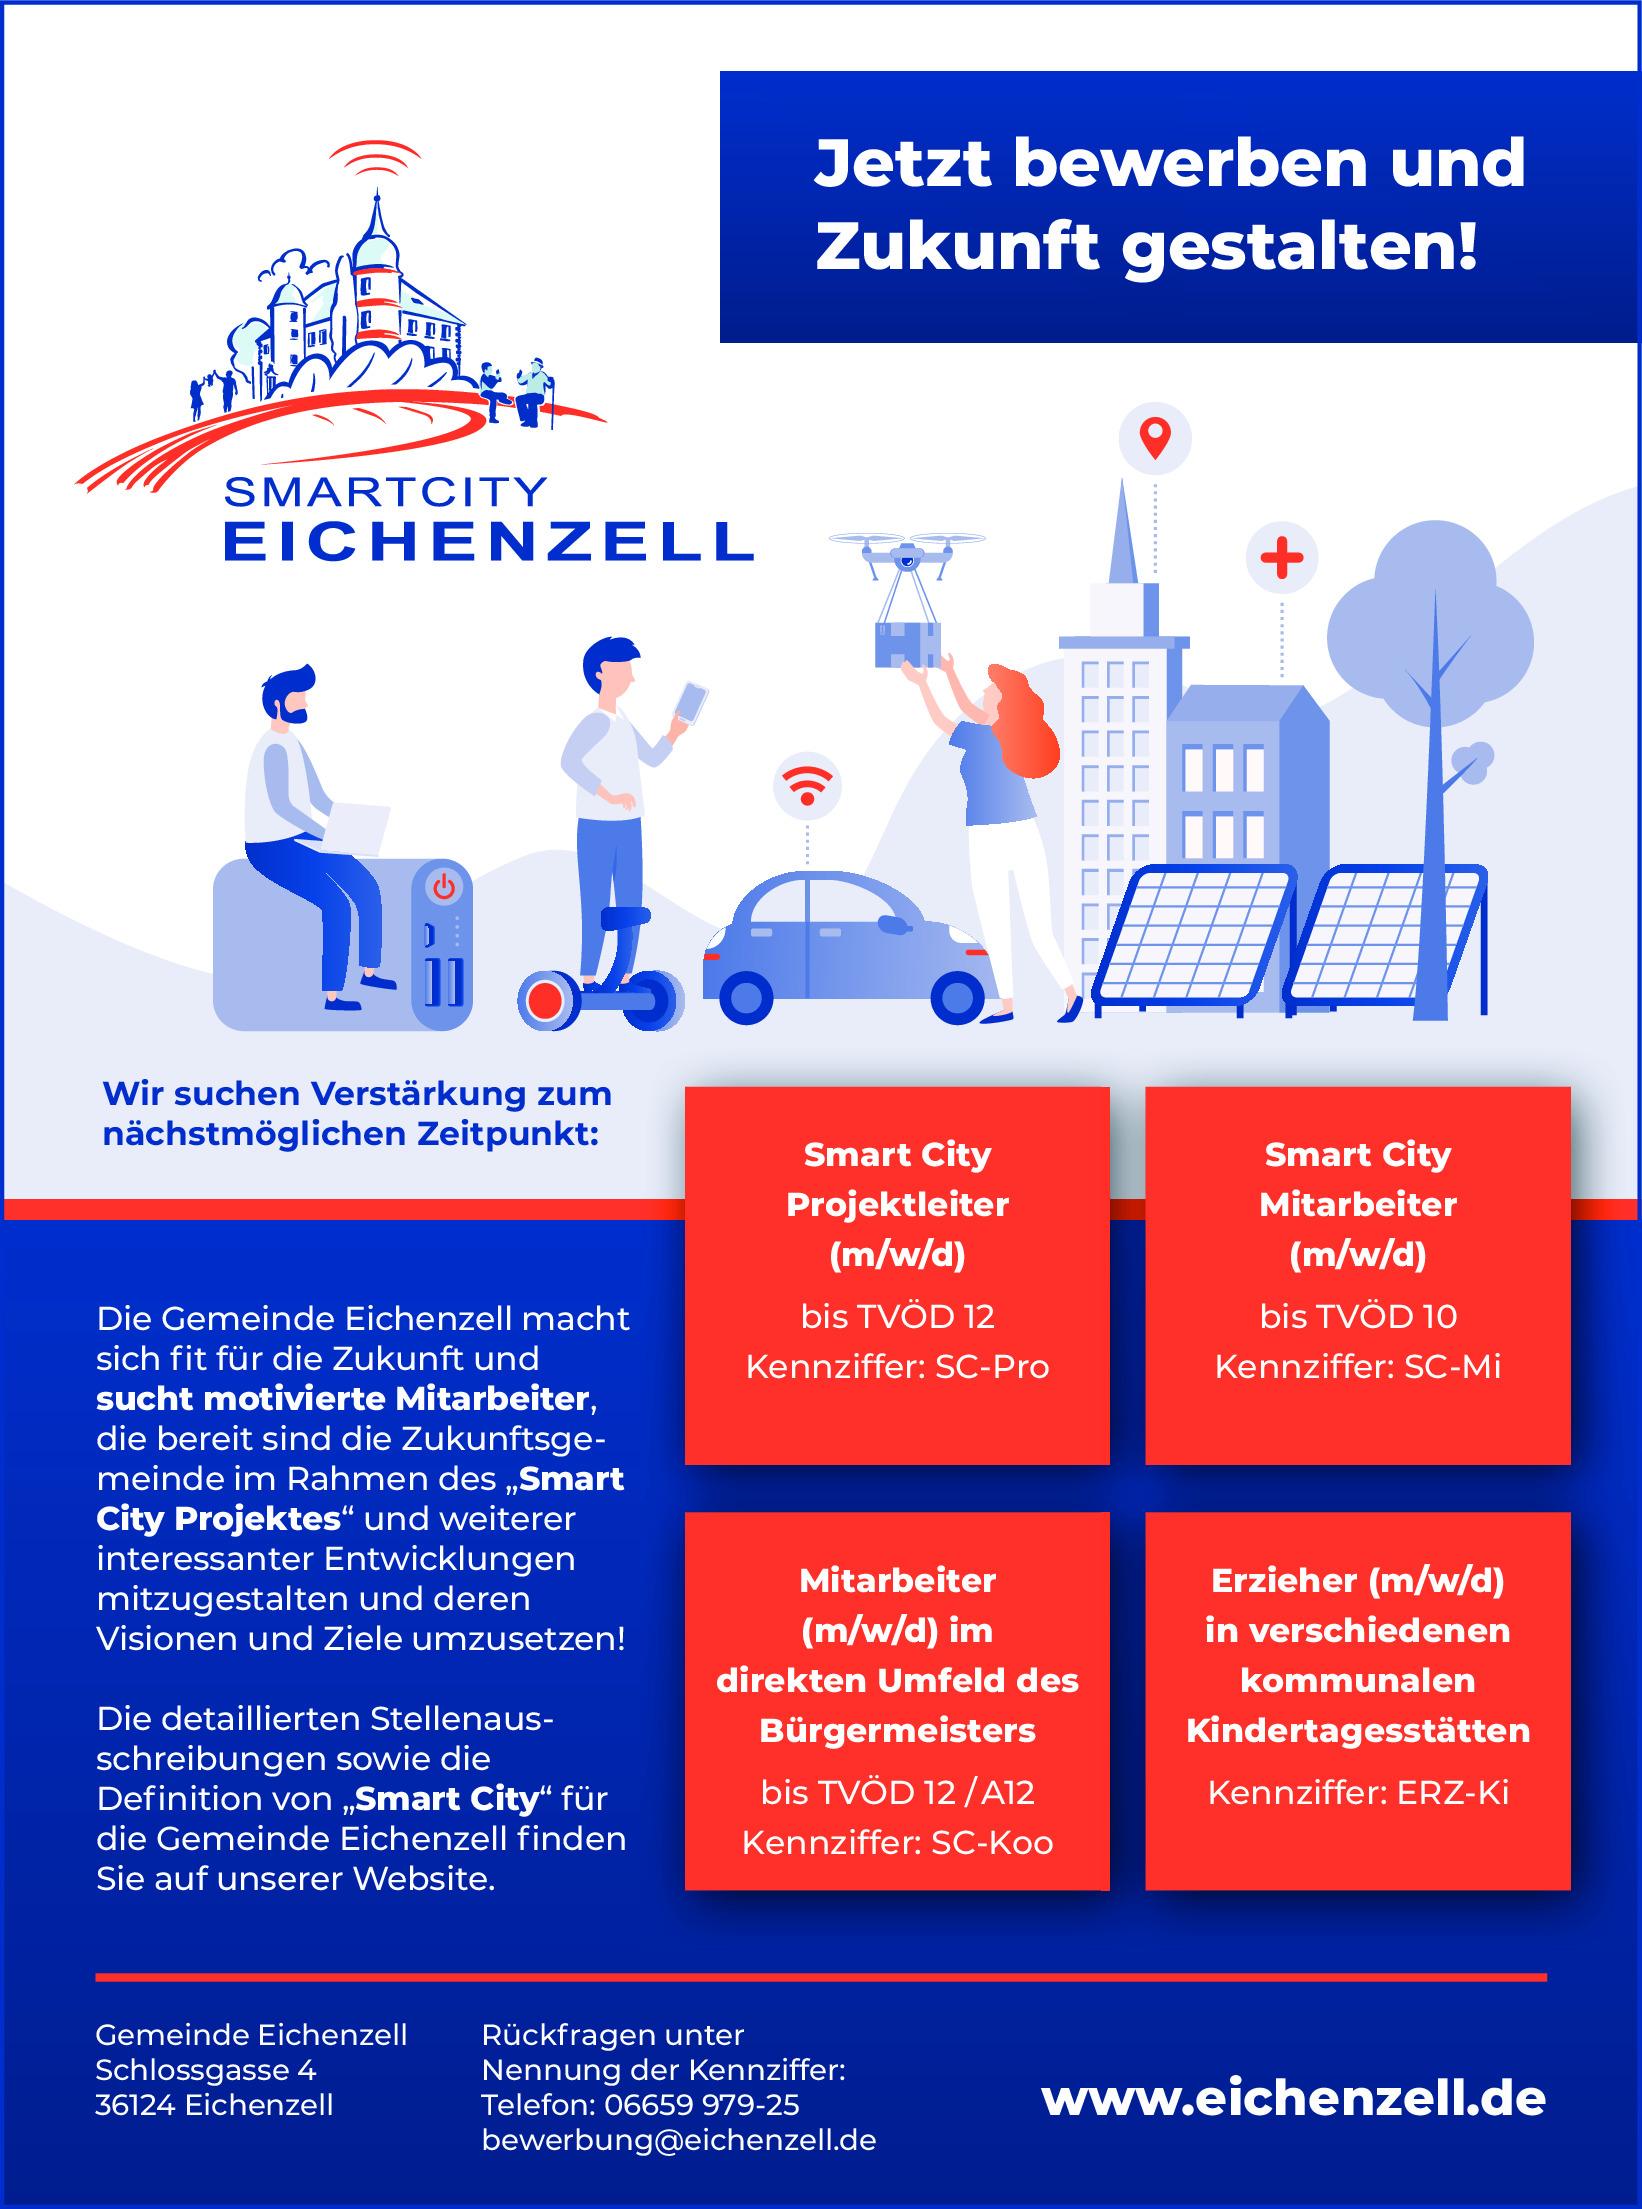 Smart City Eichenzell (m/w/d)